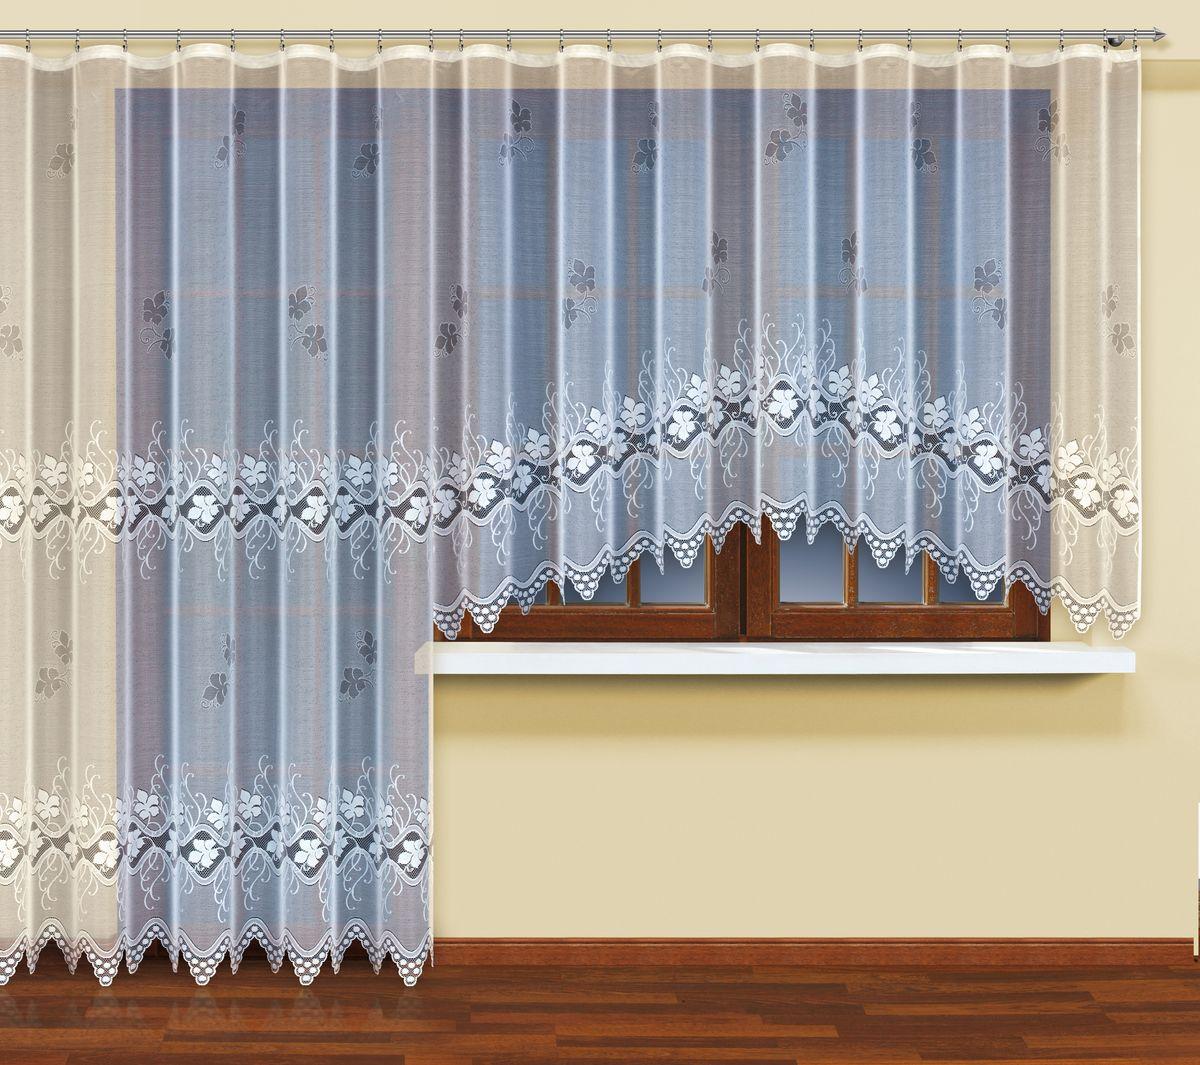 Комплект балконный HAFT 400*160+200*230. 222572222572Комплект балконный XAFT 400*160+200*230. 222572 Материал: 100% п/э, размер: 400*160+200*230, цвет: белый